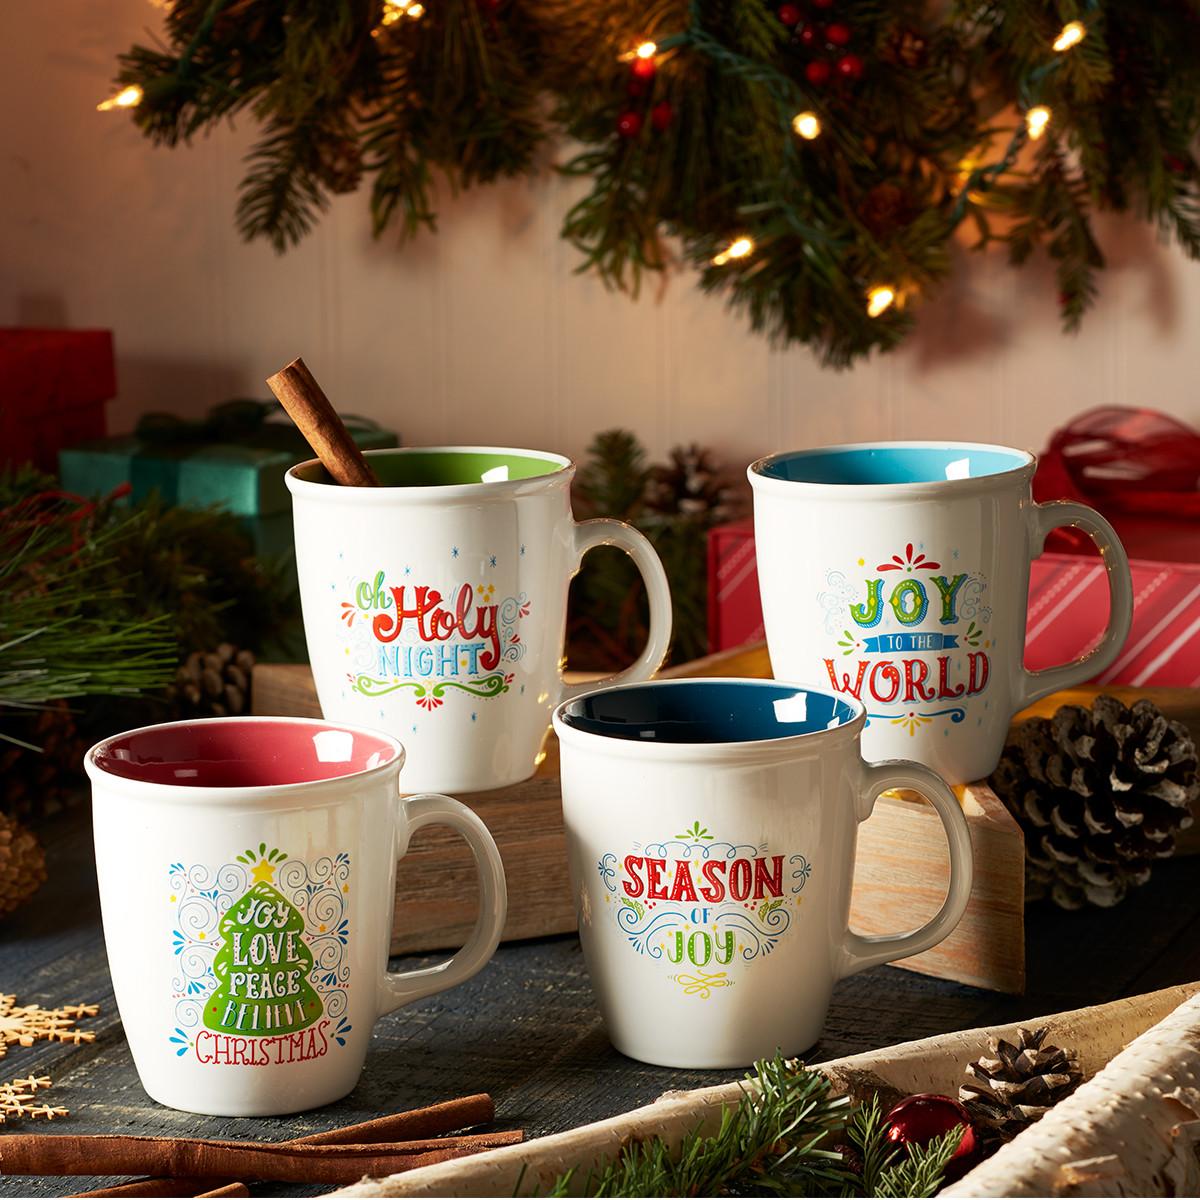 Christmas Coffee Mug Set: Joy to the World